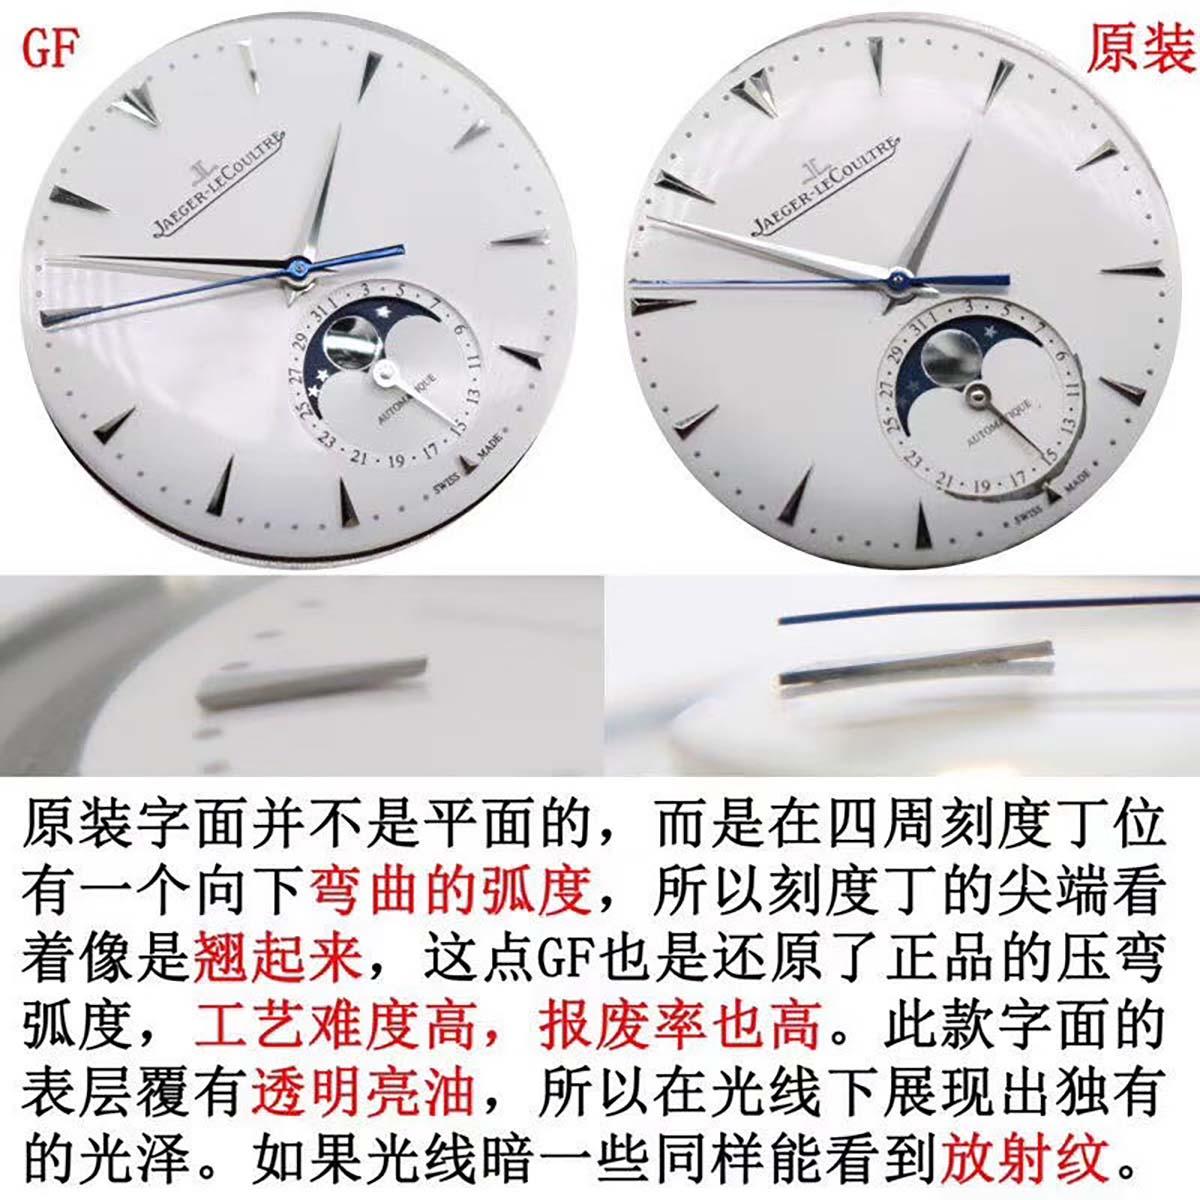 GF厂积家超薄月相大师系列1368420复刻腕表对比正品细节展示-对比图文评测